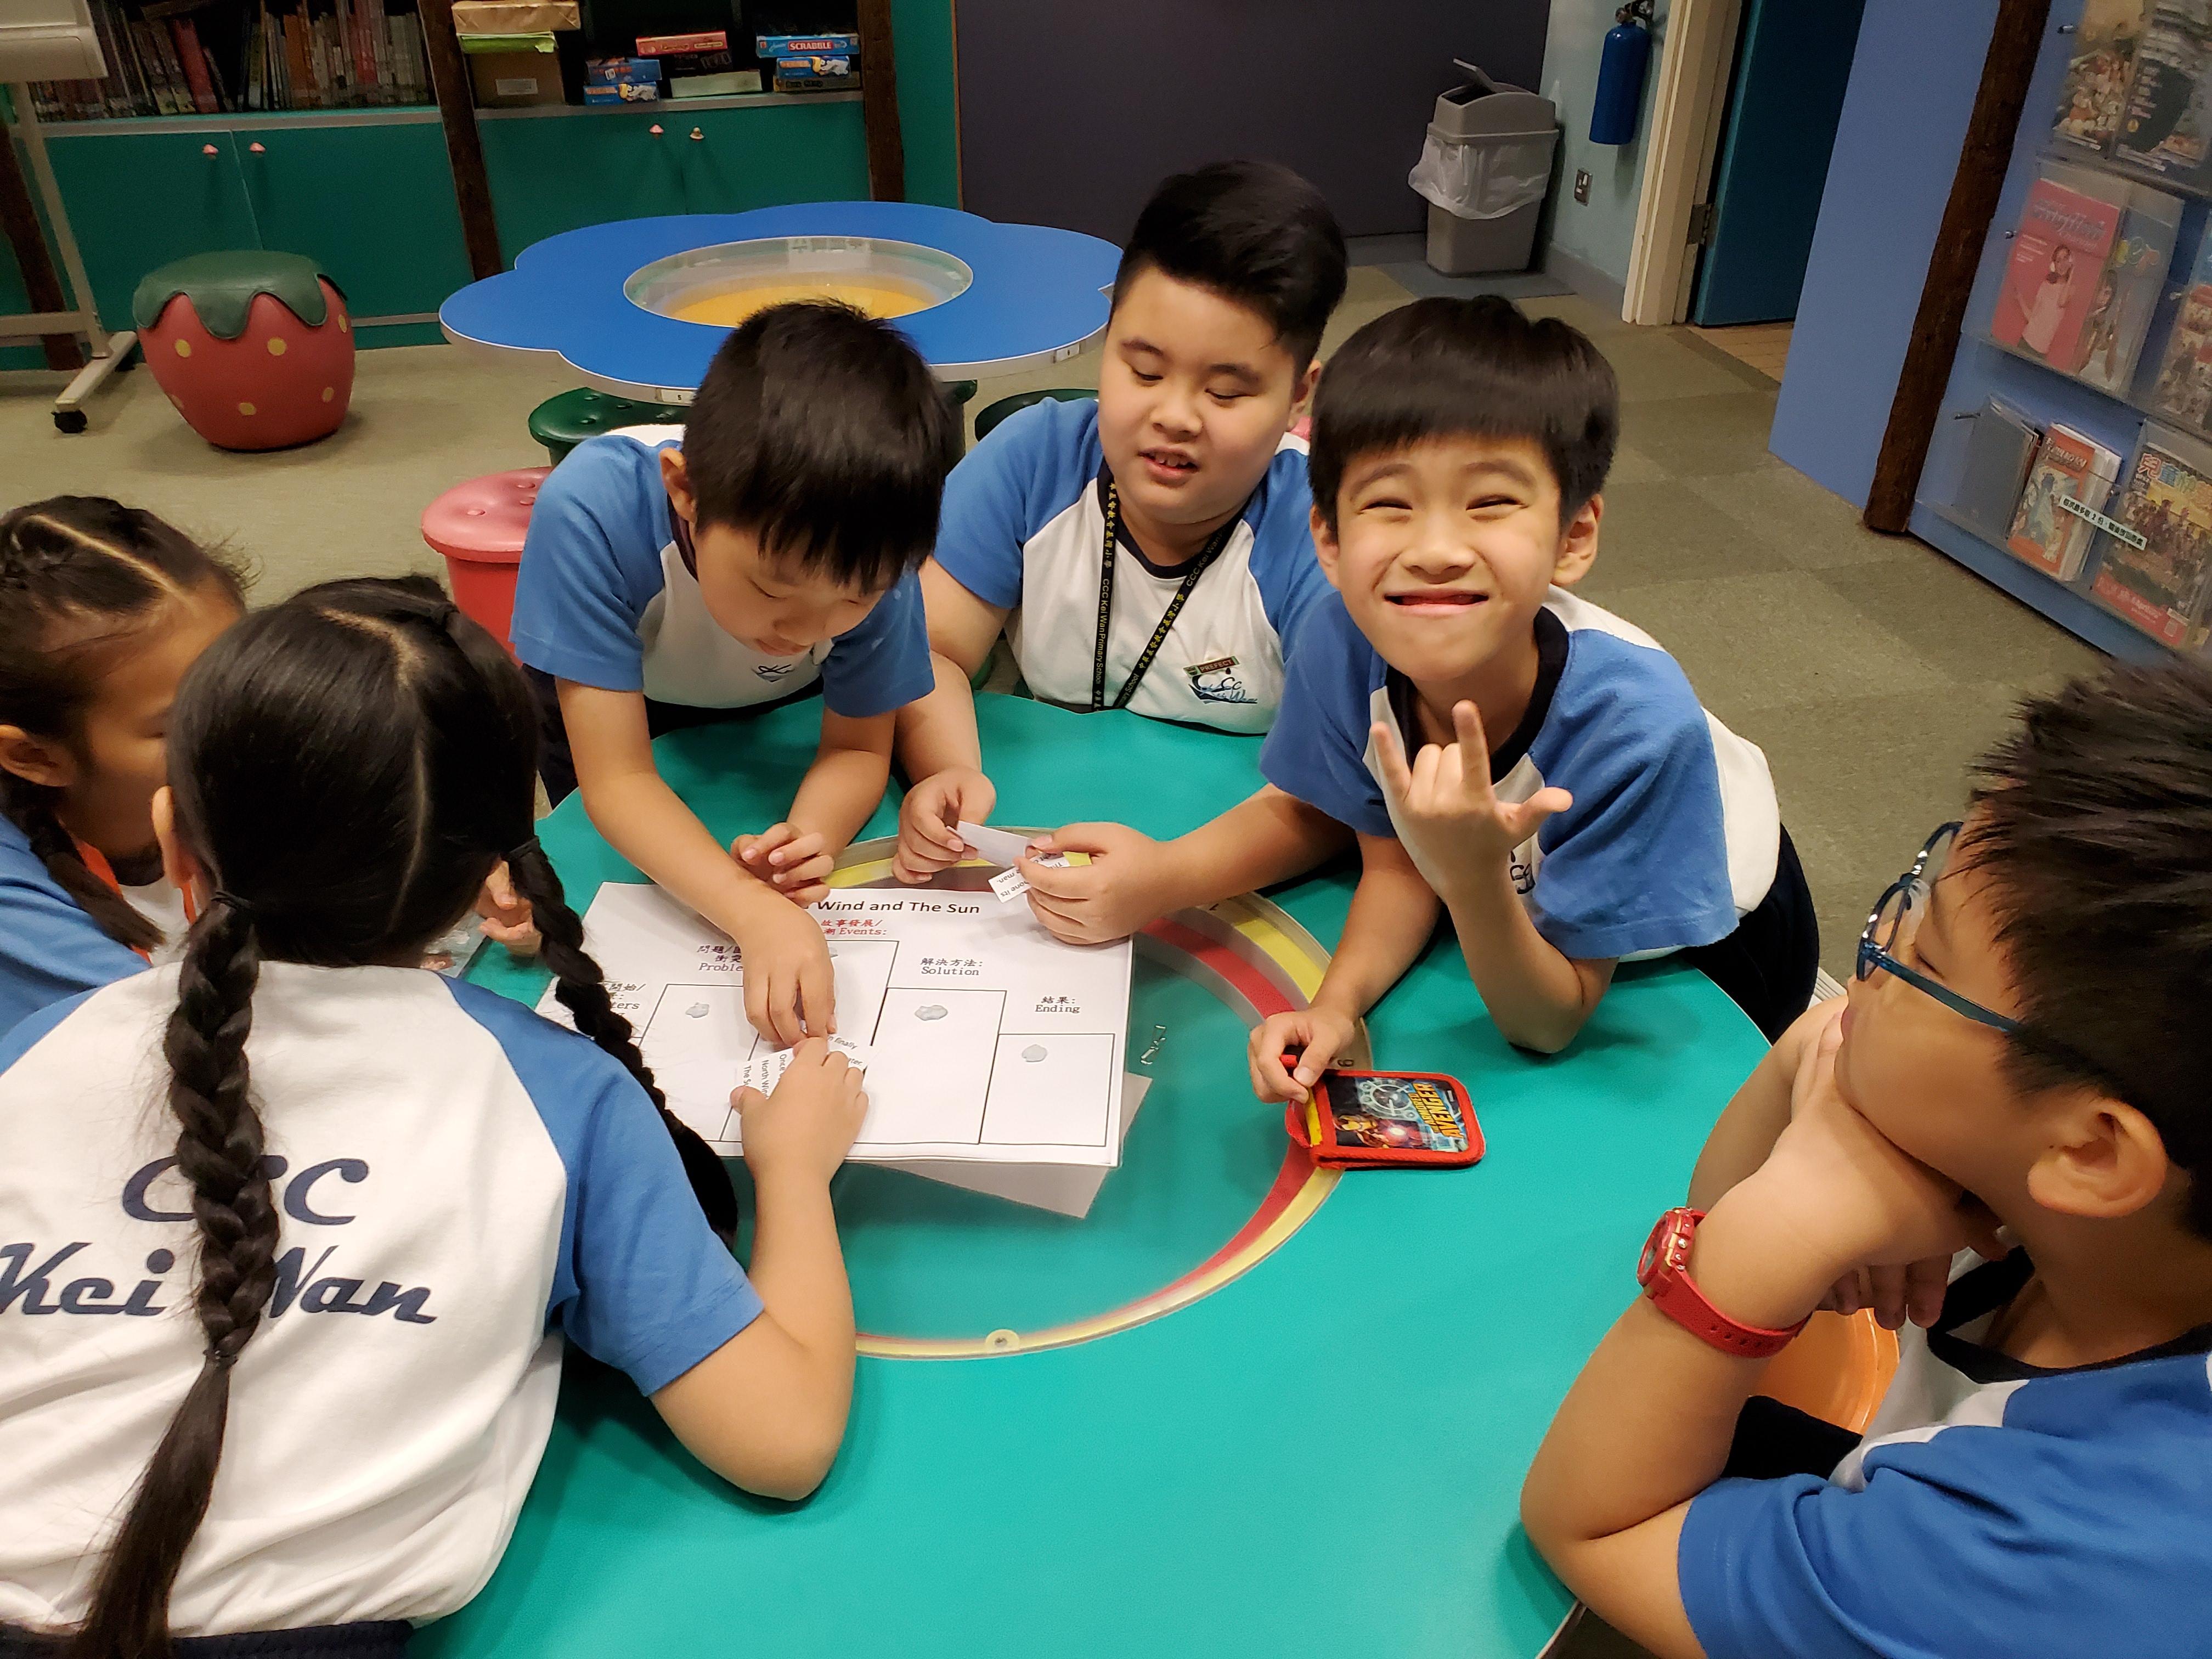 http://www.keiwan.edu.hk/sites/default/files/20191004_115226.jpg